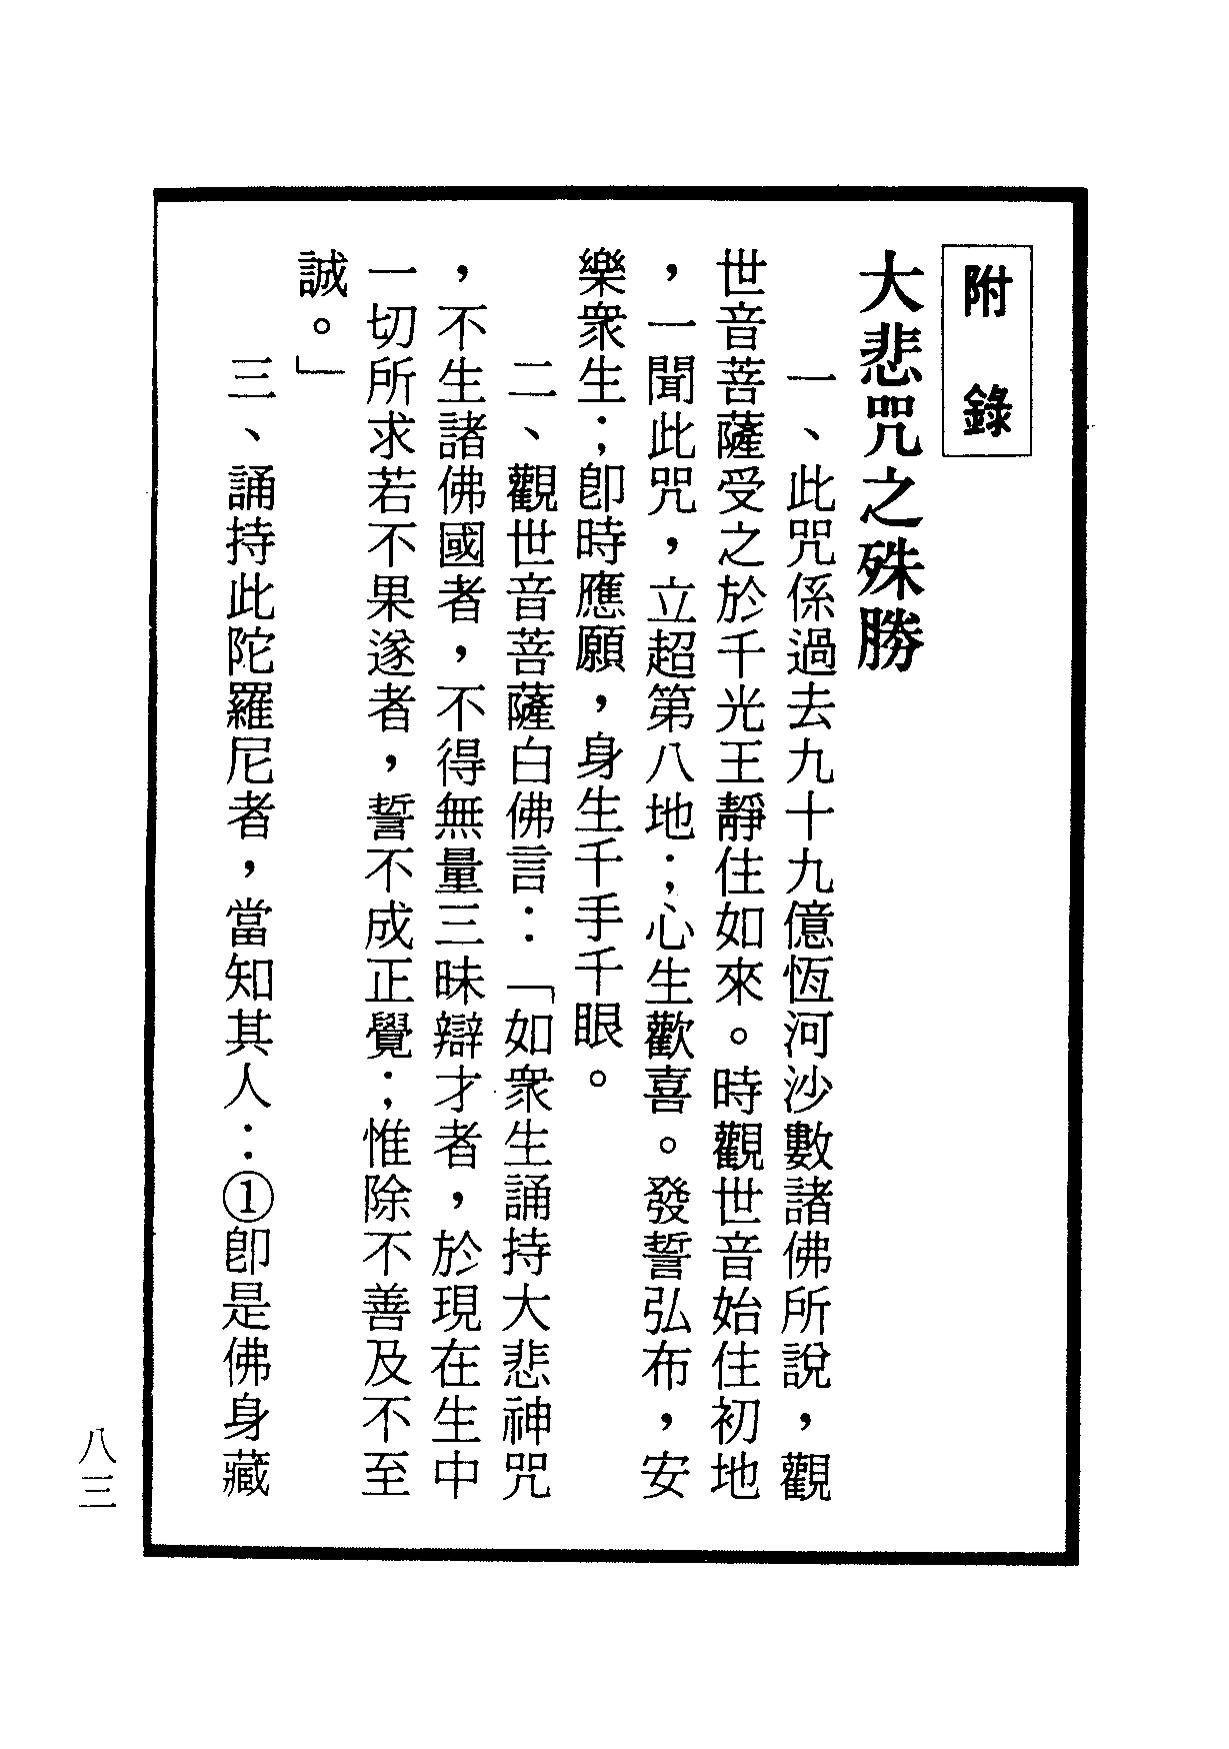 楞嚴咒-大悲咒-十小咒-易背本 89.png